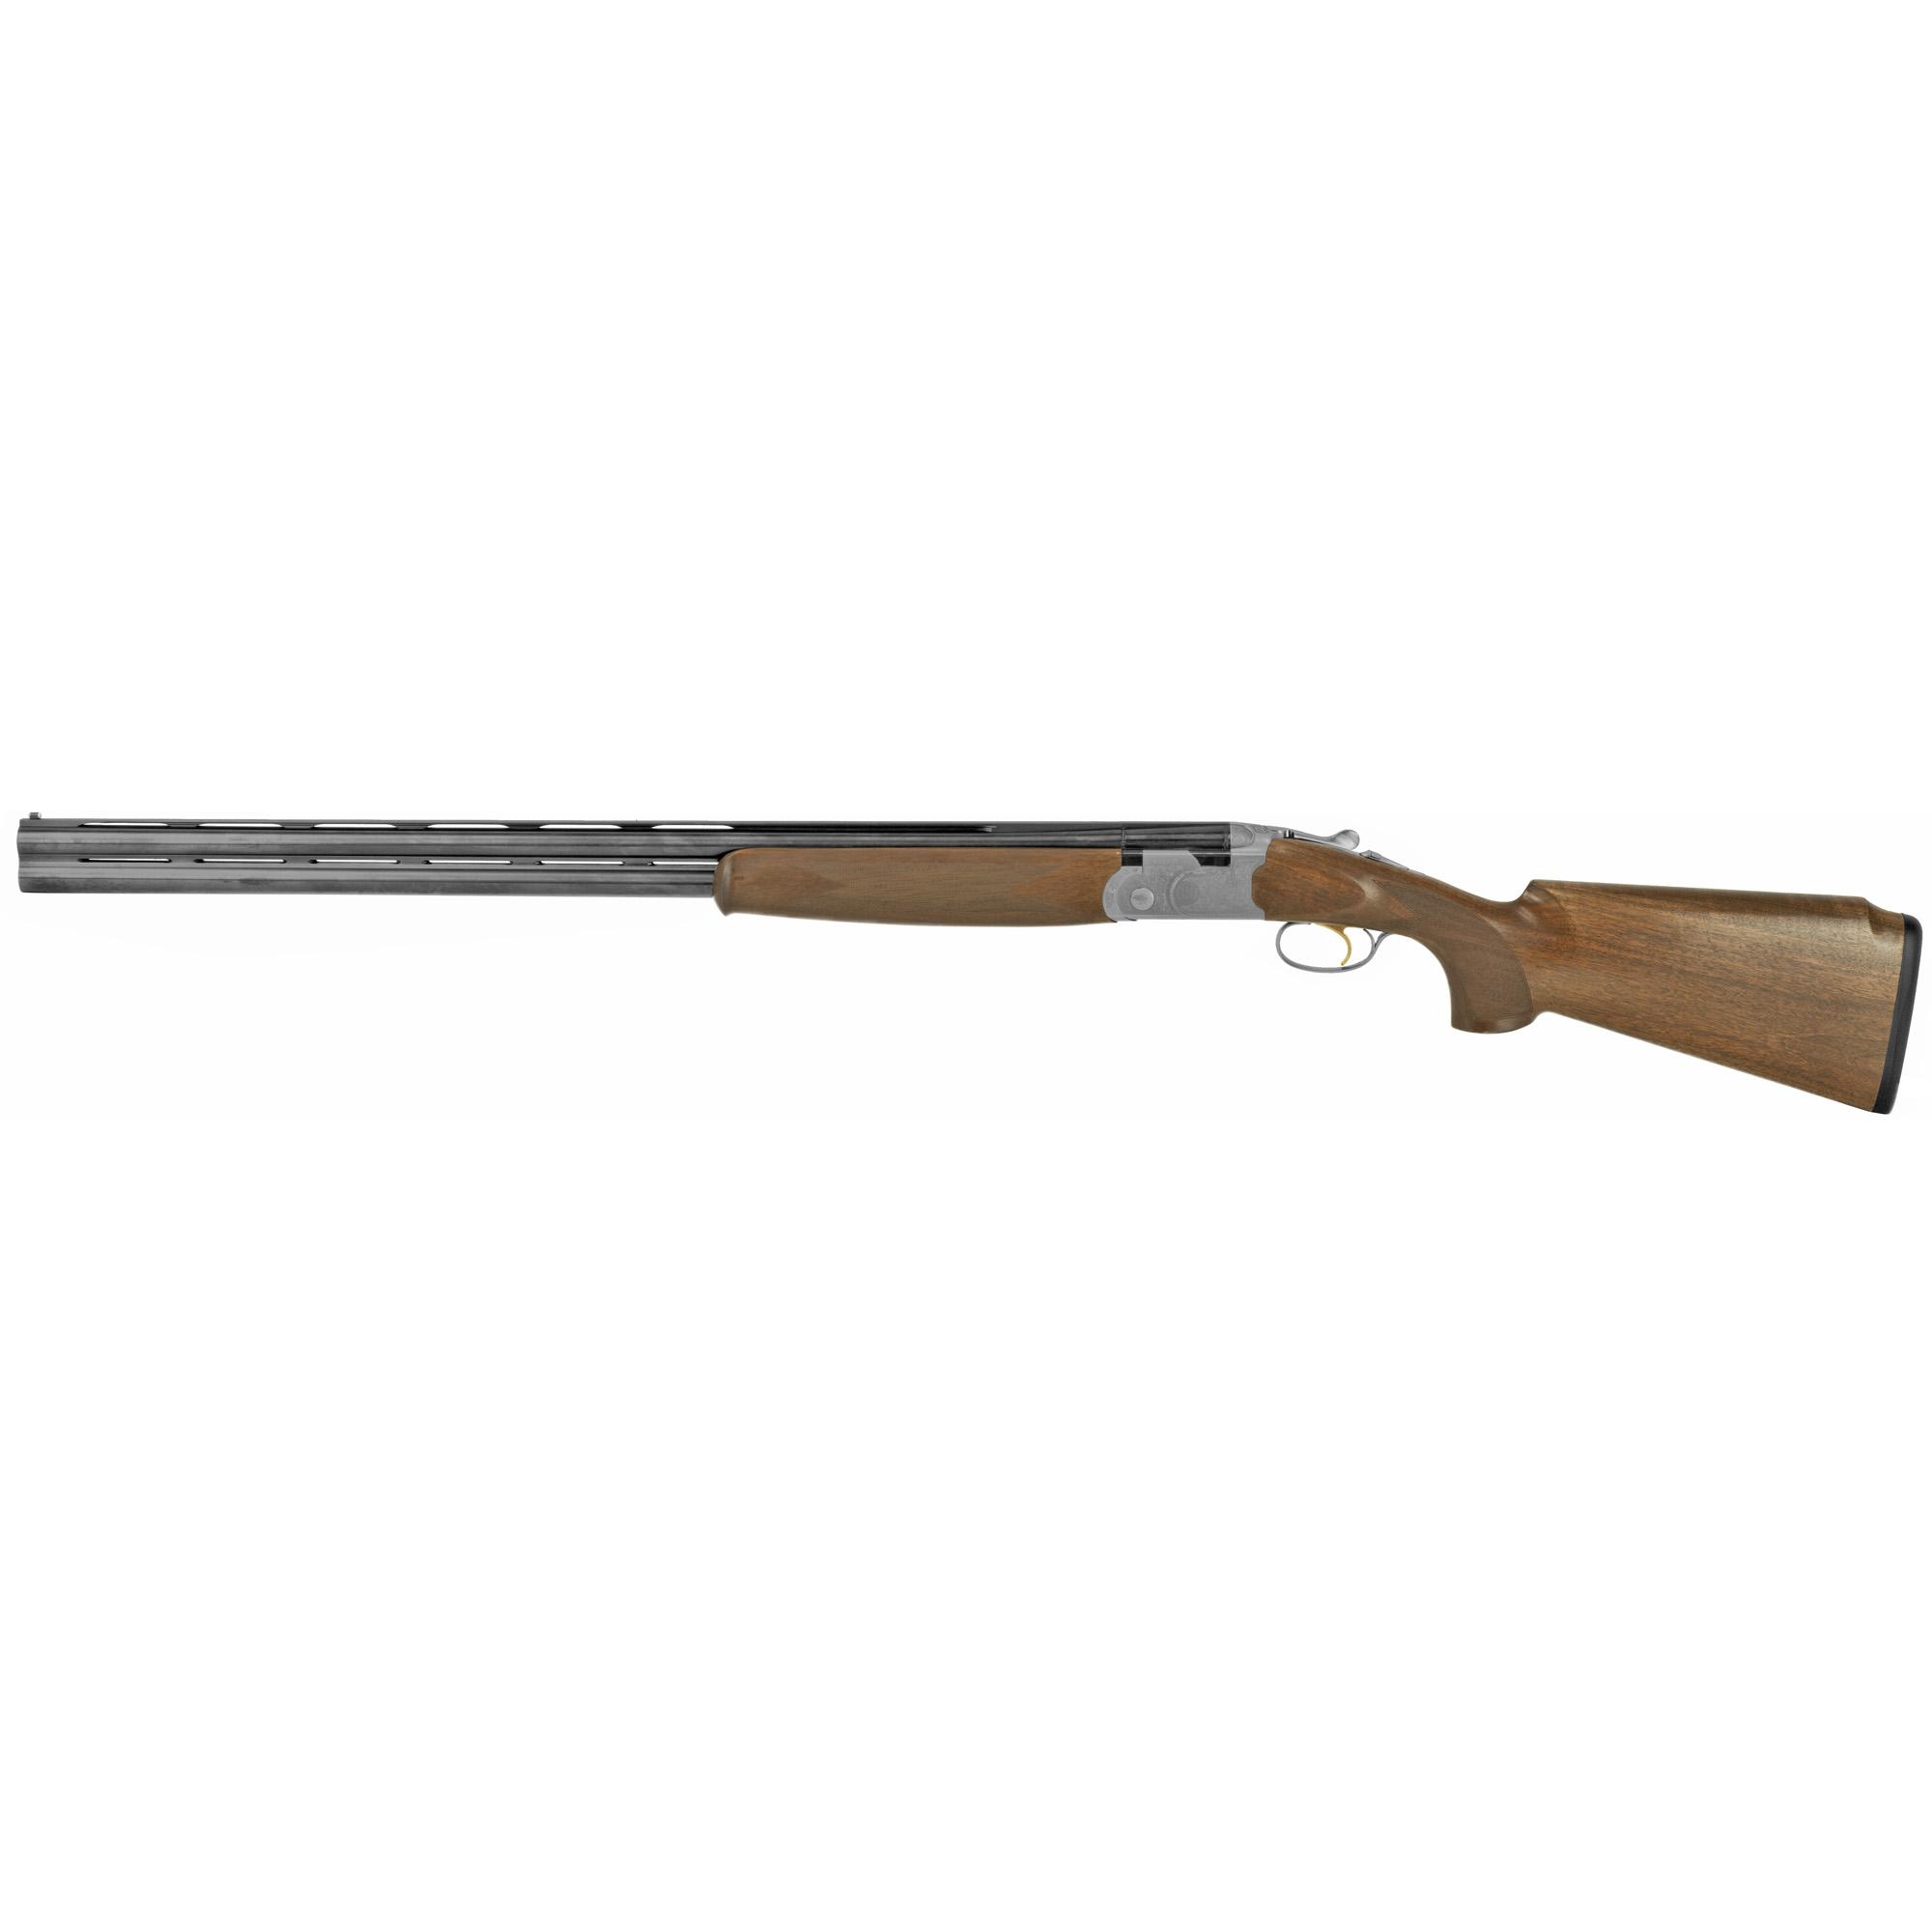 Beretta 686 Sp Vittoria Spt 20/30